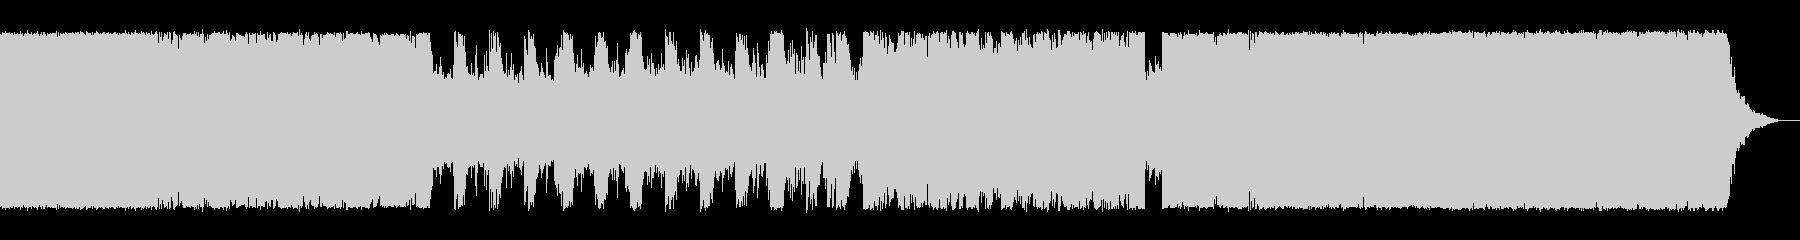 オーケストラ音源を使用した戦闘系の未再生の波形